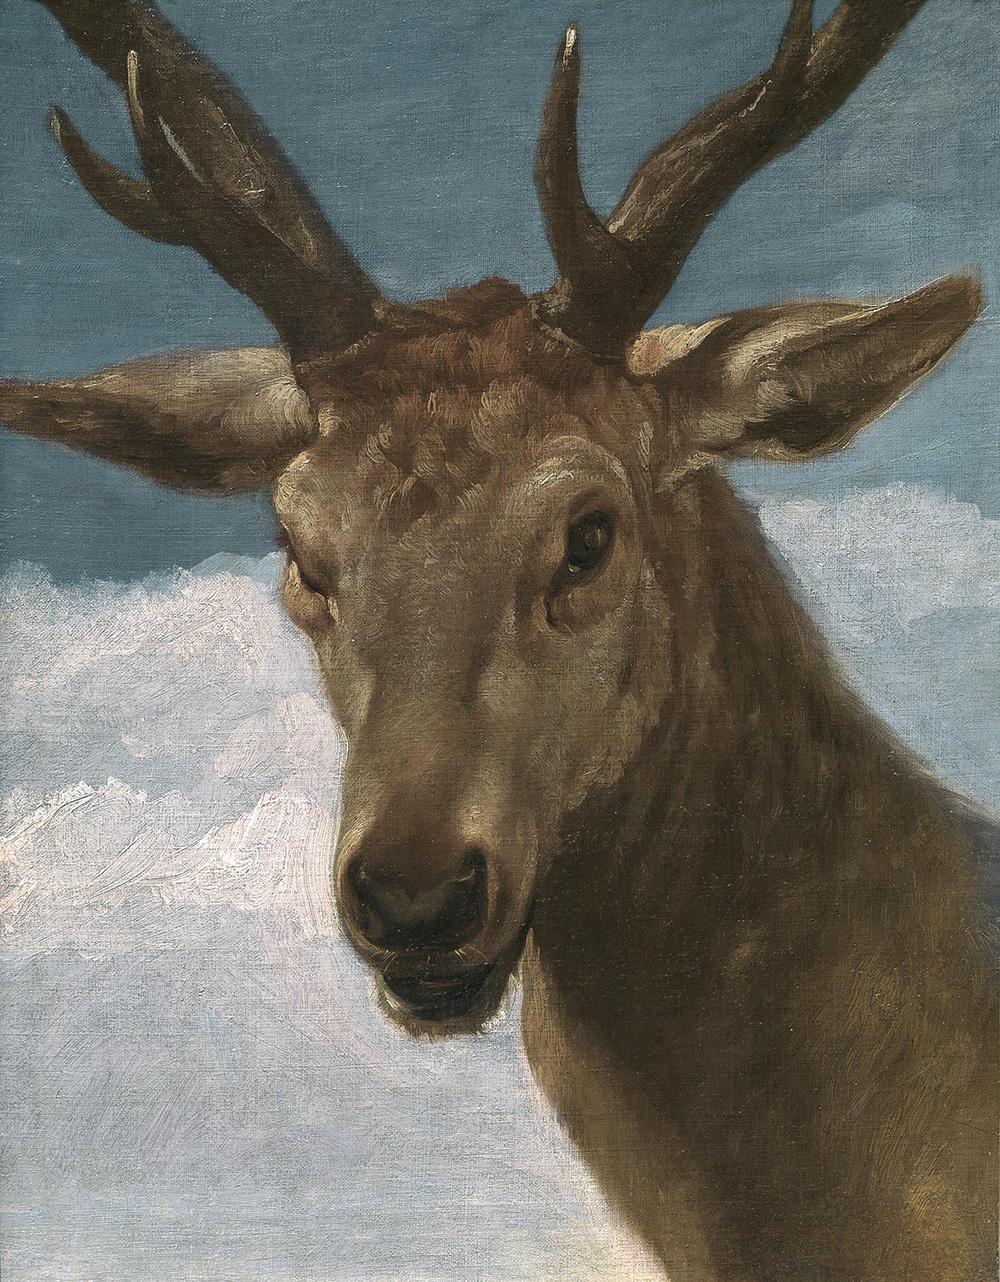 Una visita detallada al Museo del Prado 46 - Be There Before